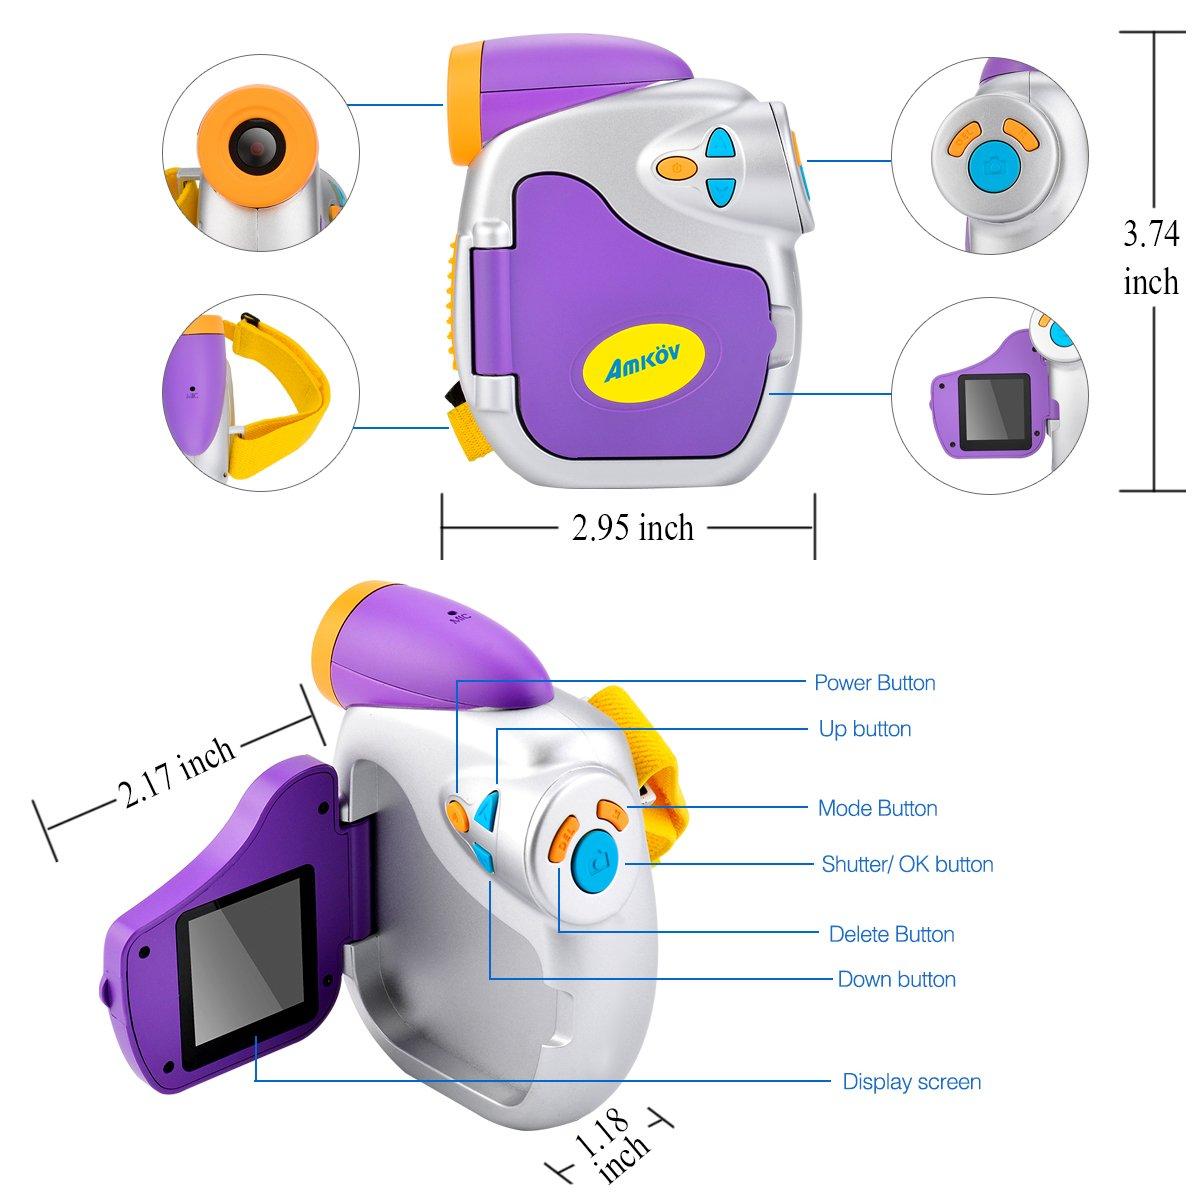 Digital Video Camera for Kids, AMKOV Kids Camcorder, 1.44 Inch Full-Color TFT Display Kids Camera by AMKOV (Image #8)